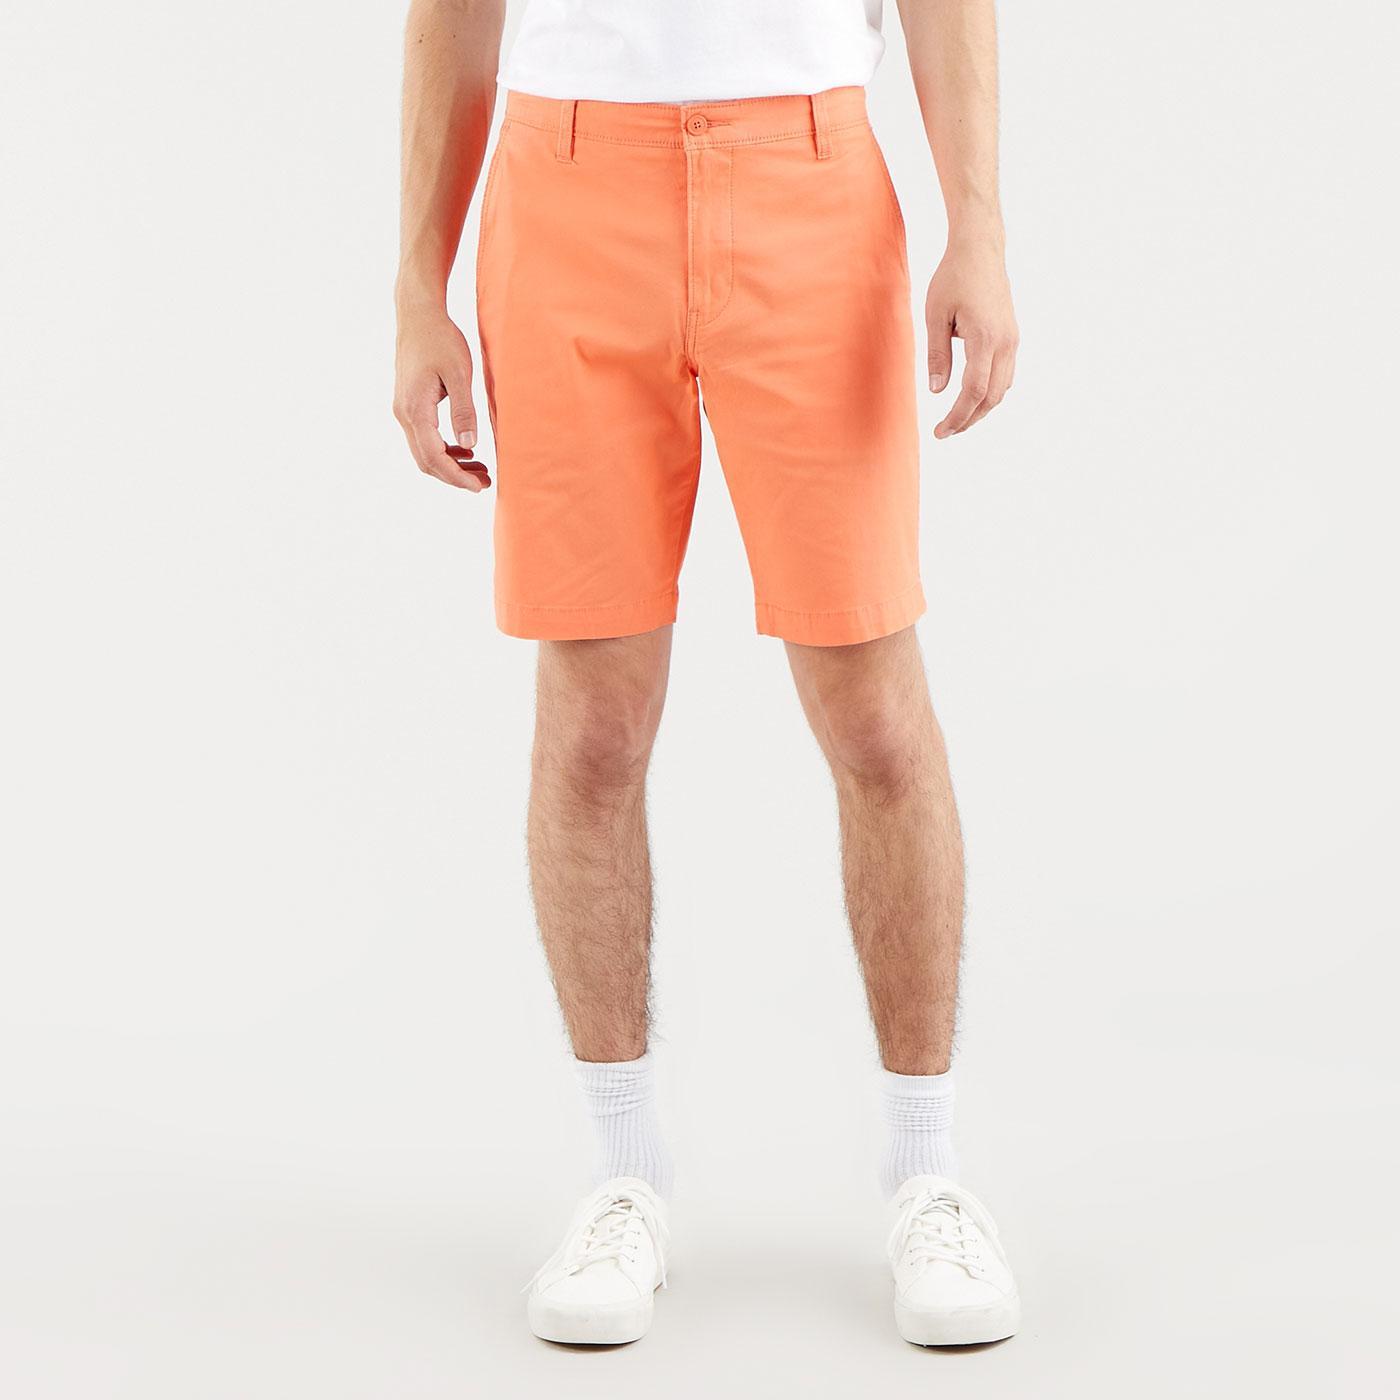 LEVI'S XX Regular Twill Chino Shorts CORAL QUARTZ